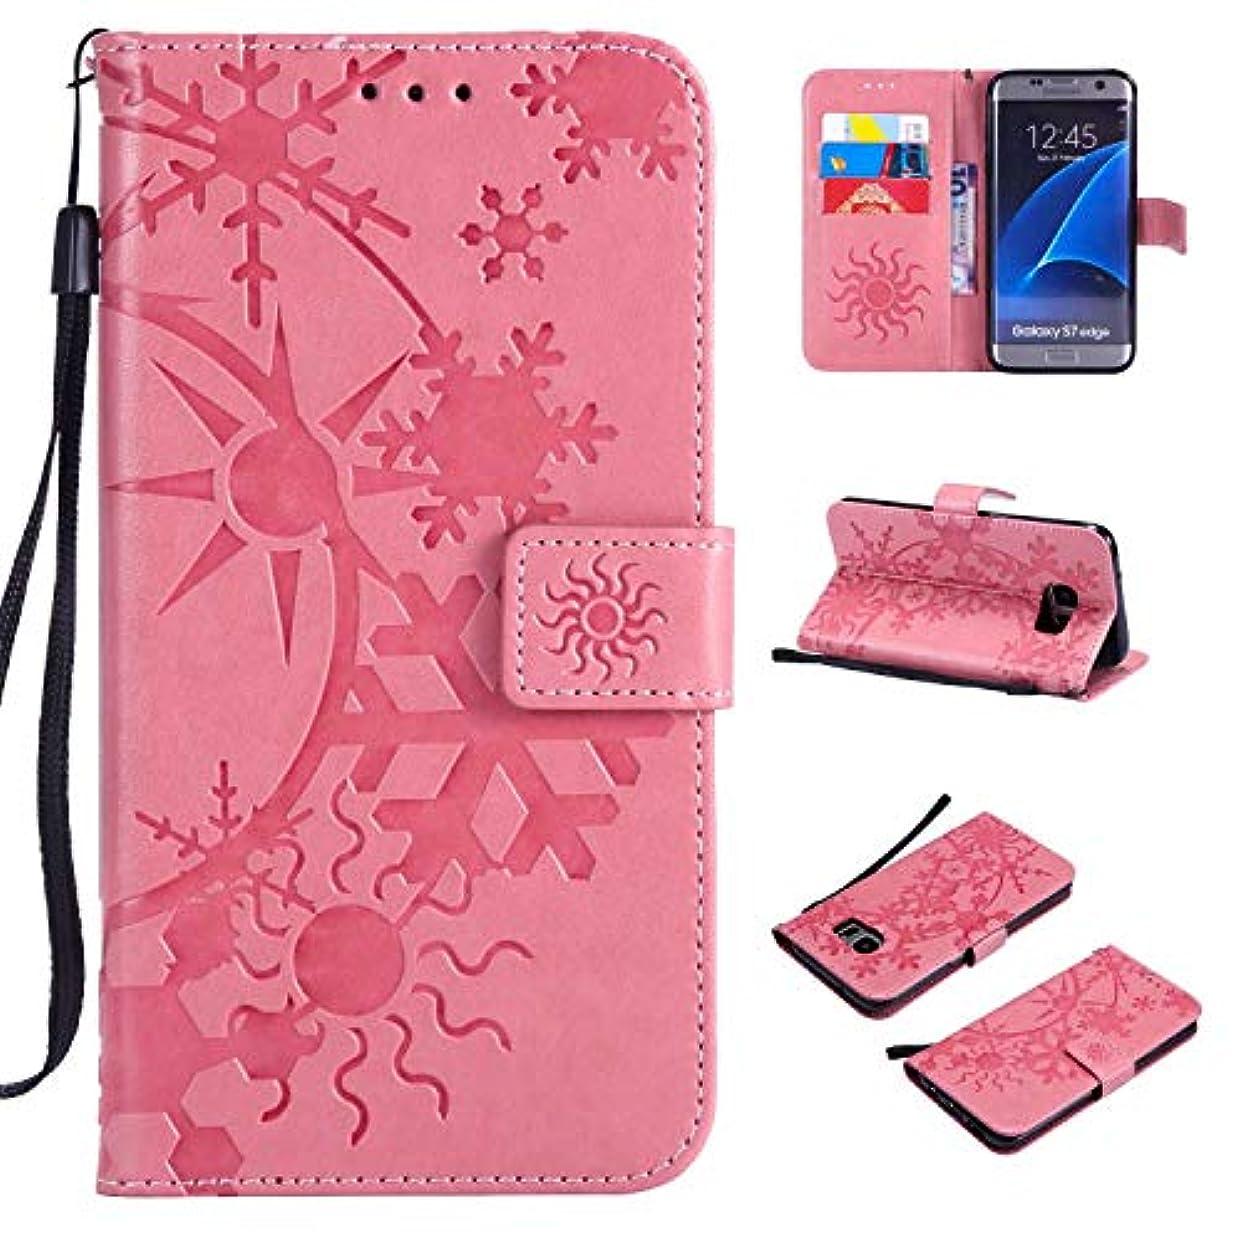 製作マージ絶滅させるGalaxy S7 Edge ケース CUSKING 手帳型 ケース ストラップ付き かわいい 財布 カバー カードポケット付き Samsung ギャラクシー S7 Edge マジックアレイ ケース - ピンク